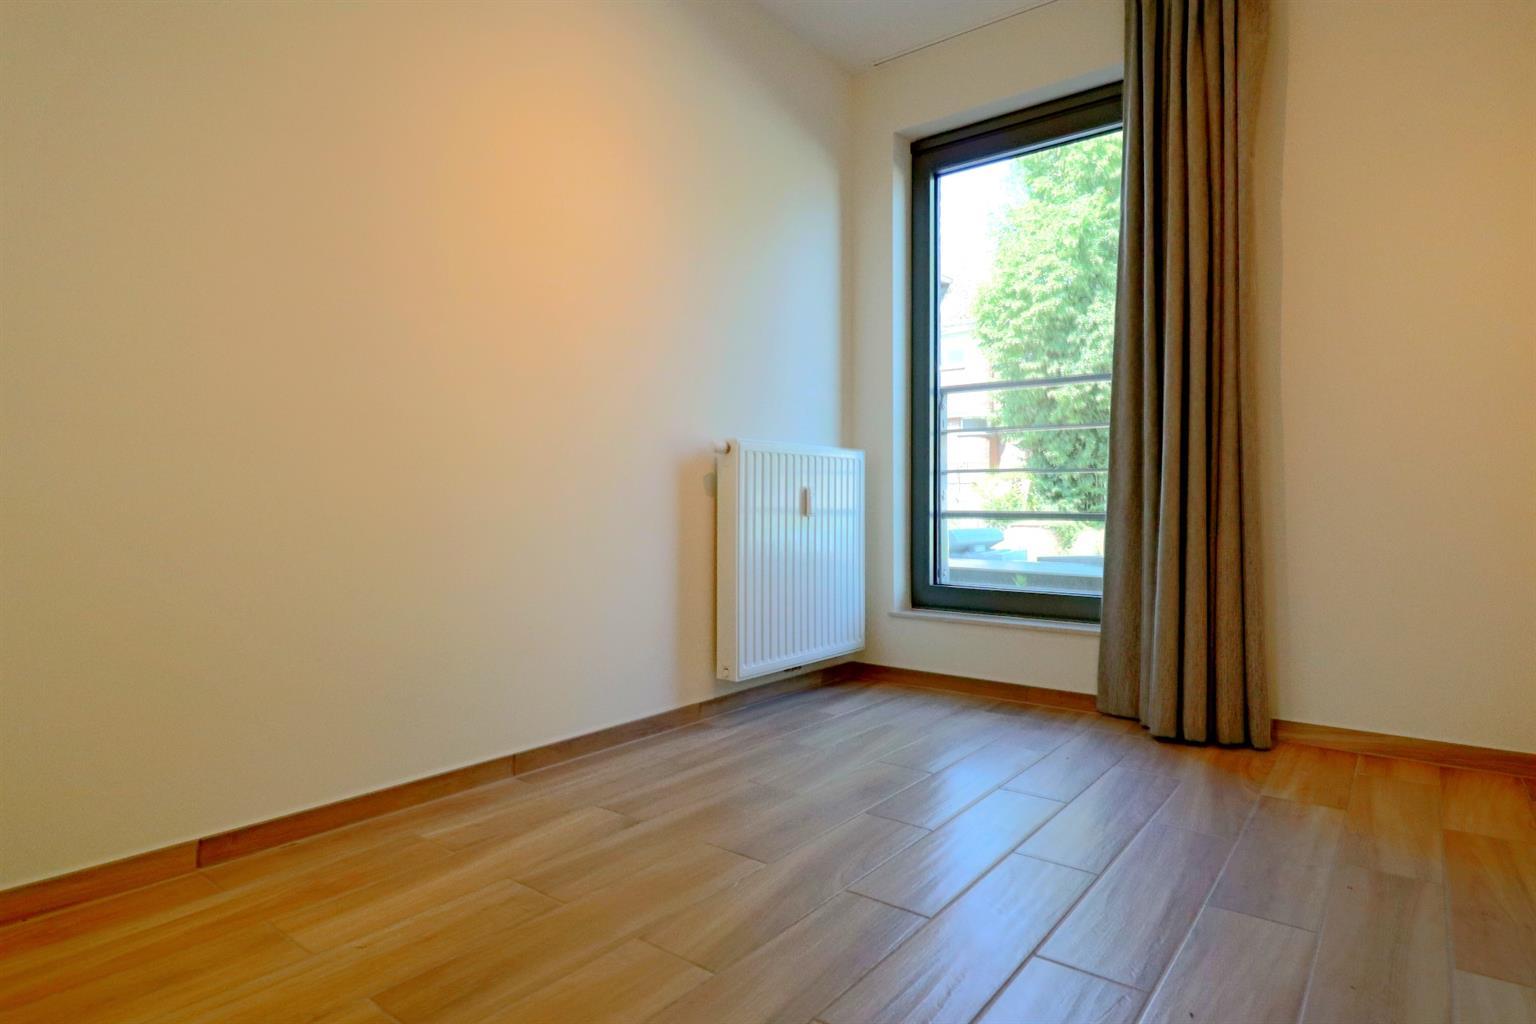 Appartement - Ottignies-Louvain-la-Neuve - #4406828-6